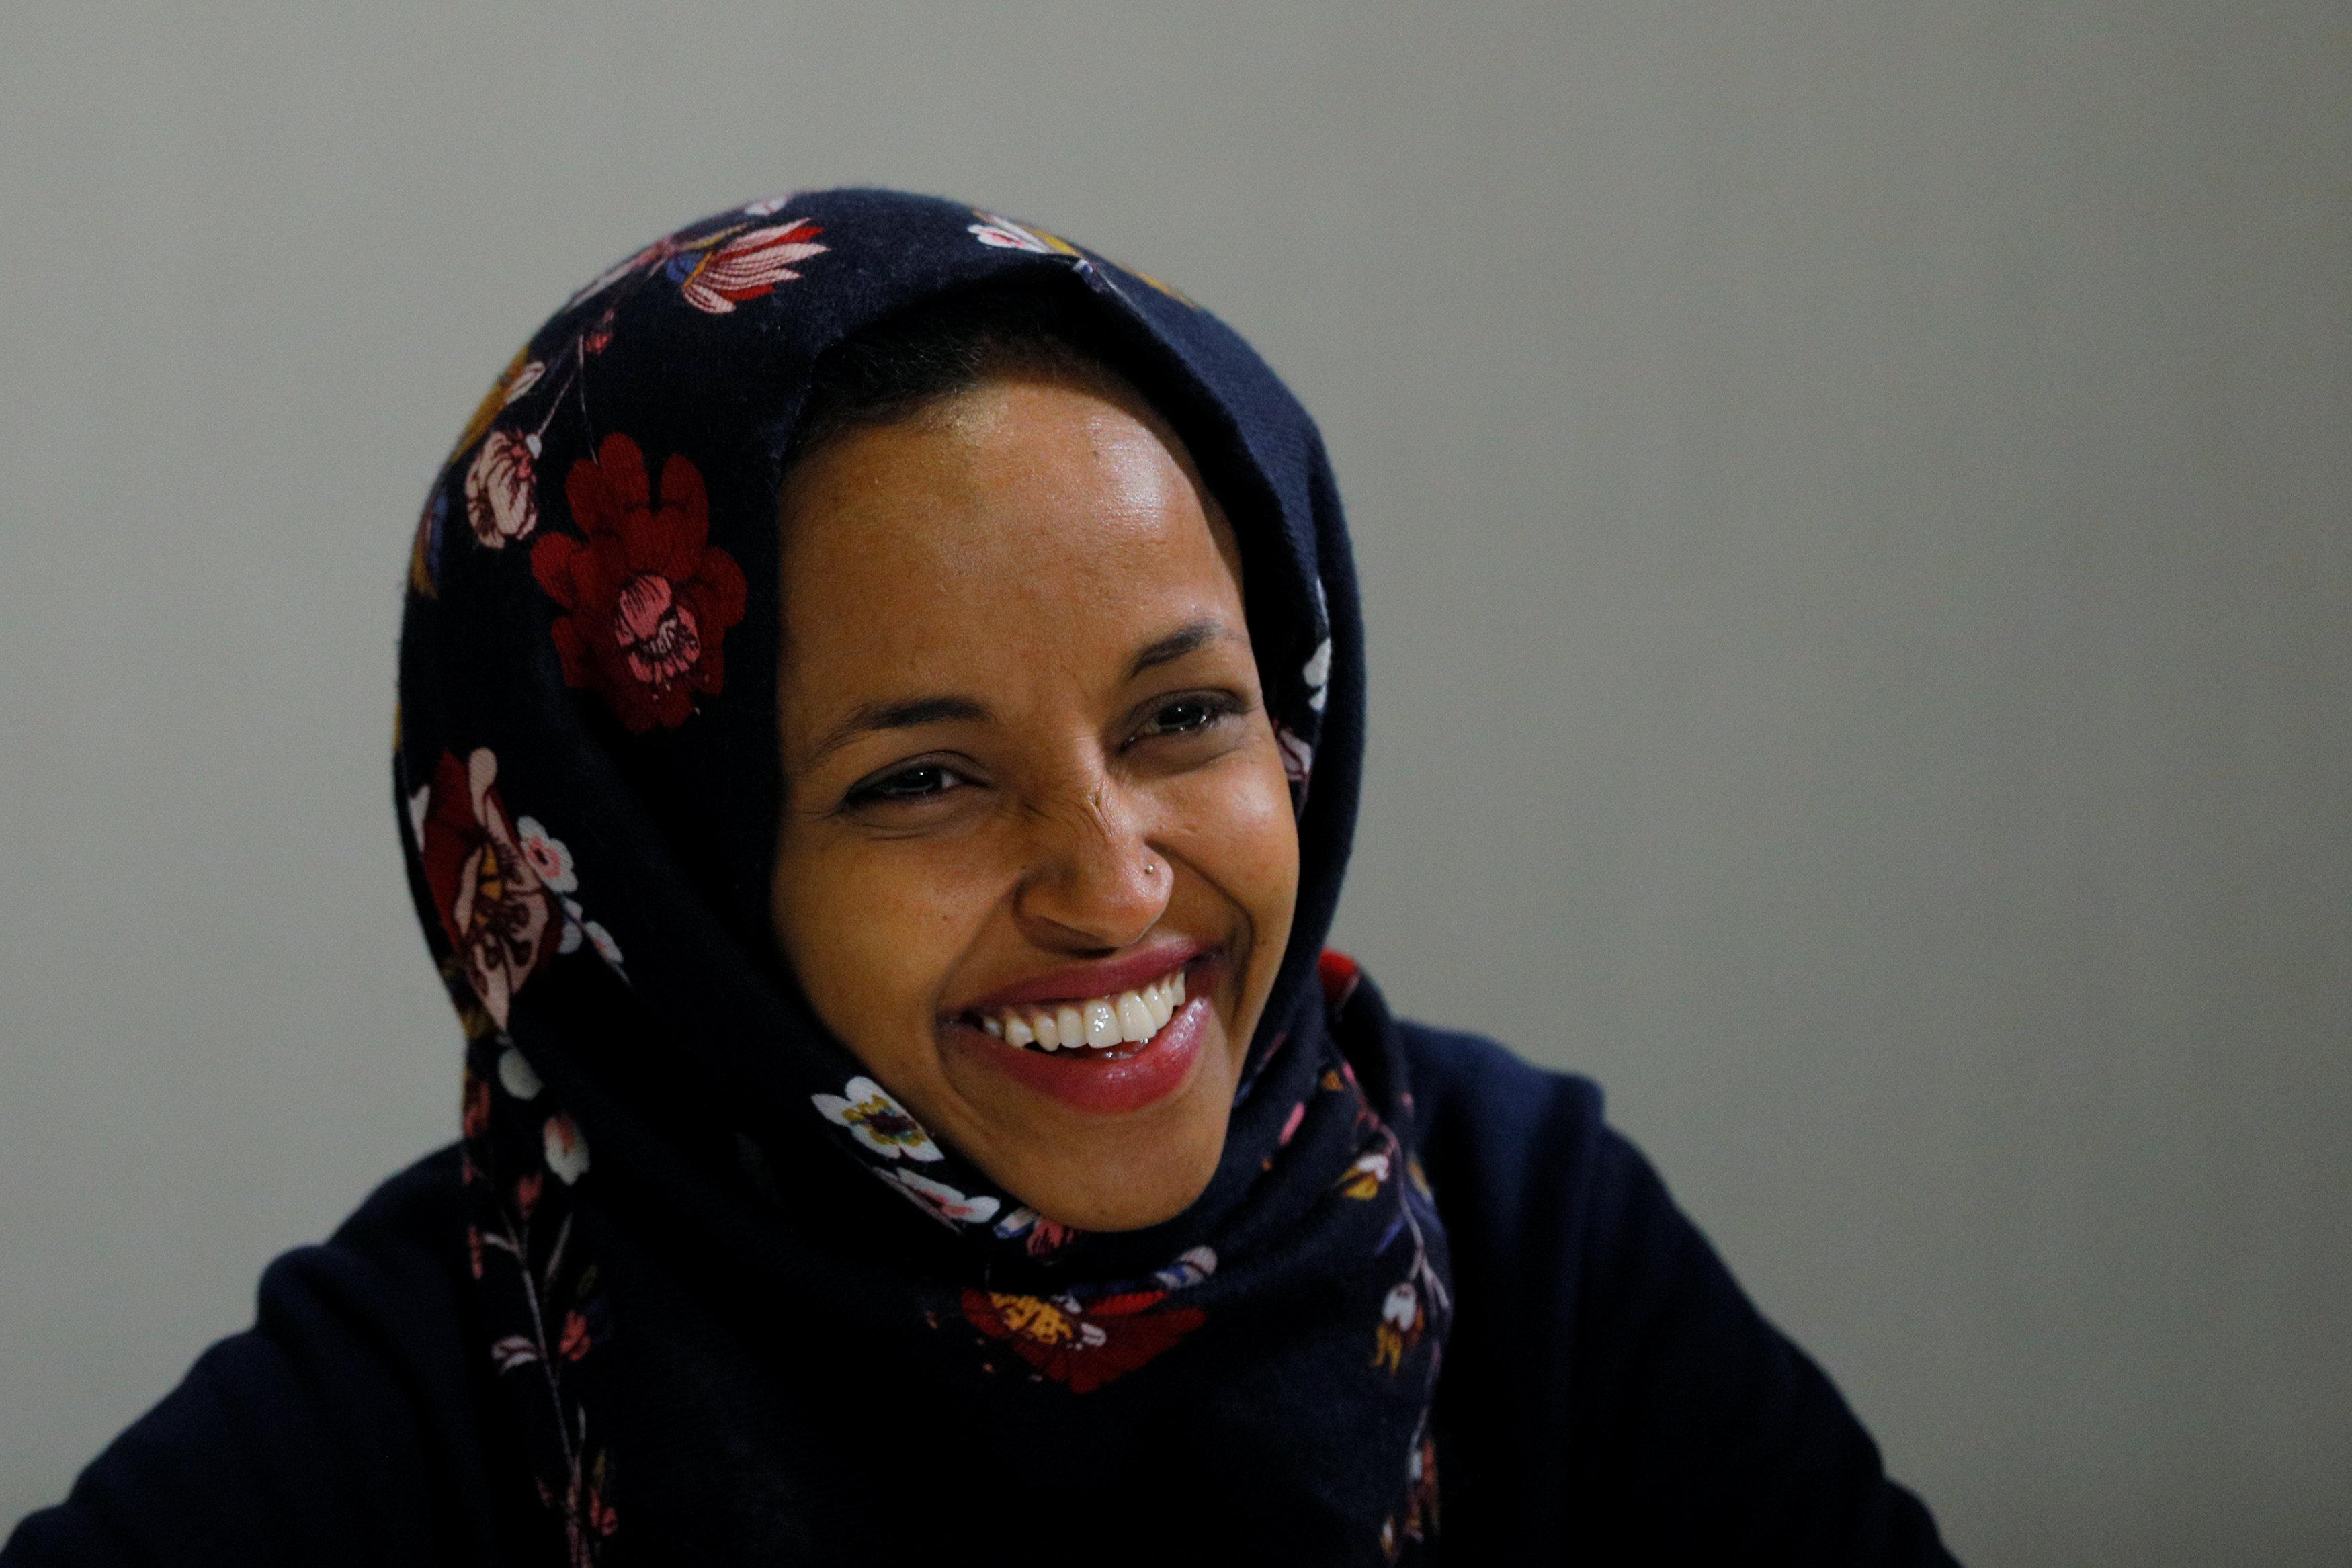 عمر جاءت إلى أمريكا هربا من الصومال